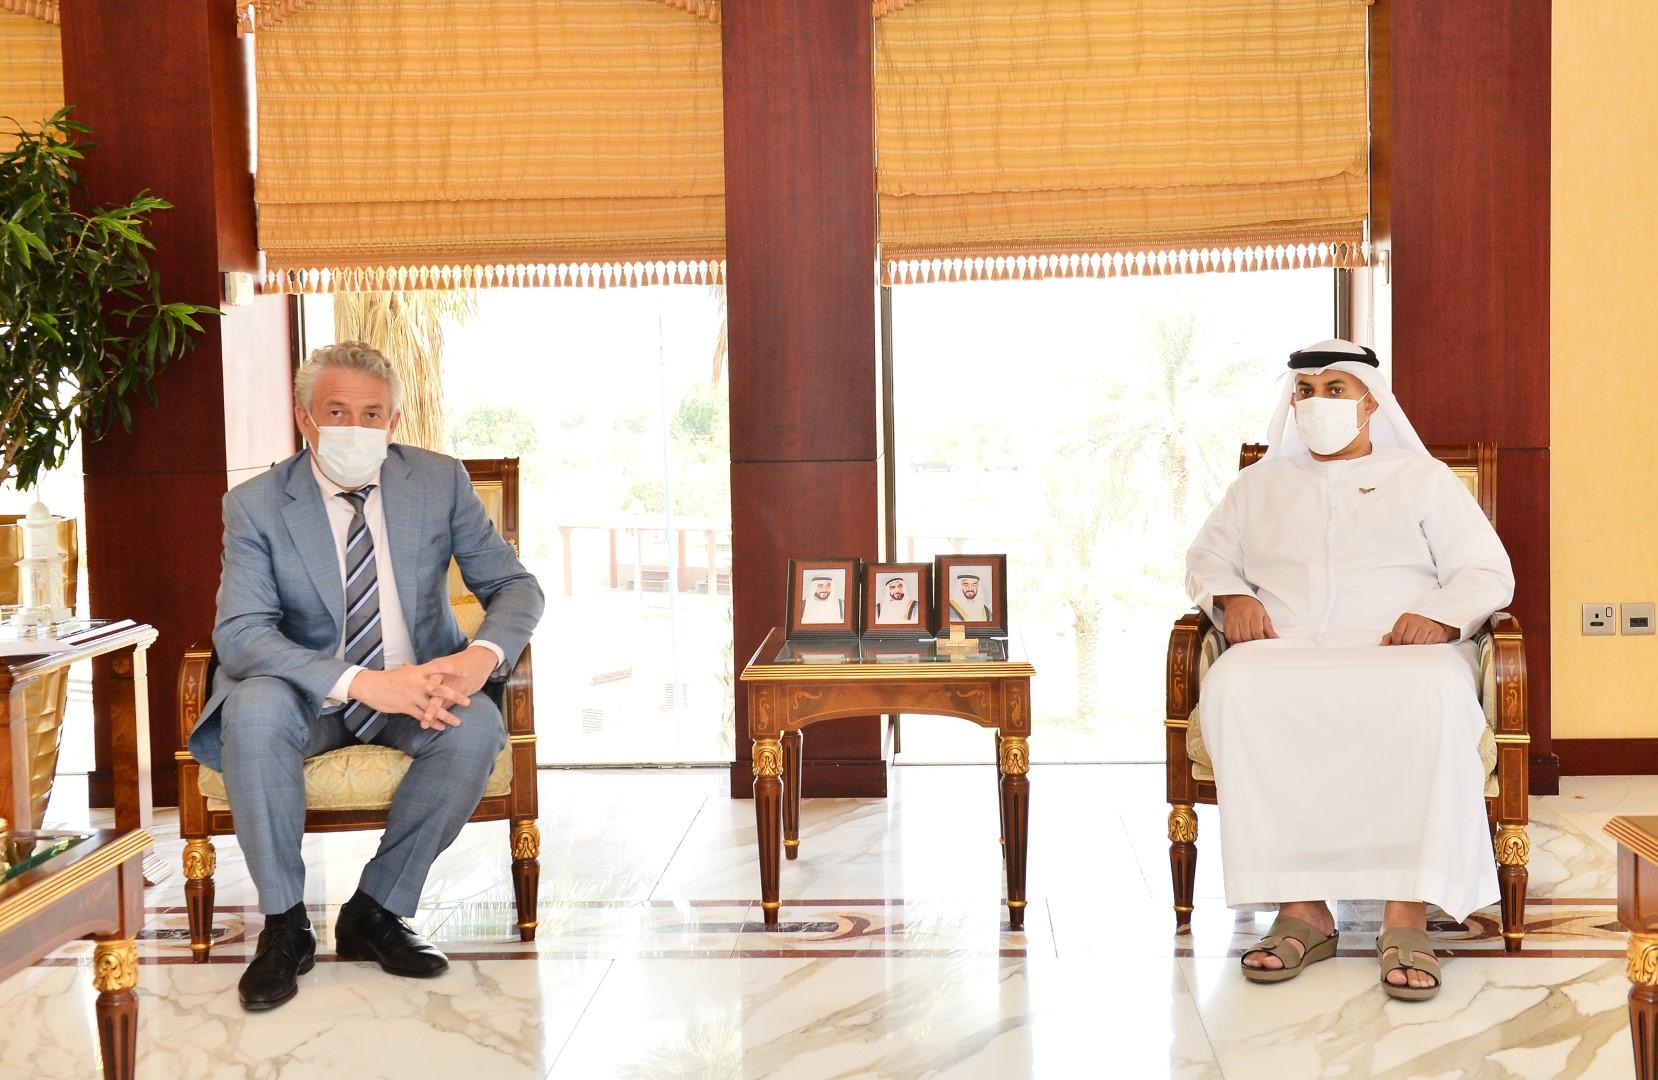 غرفة أبوظبي تبحث التعاون مع مجلس الأعمال الروسي